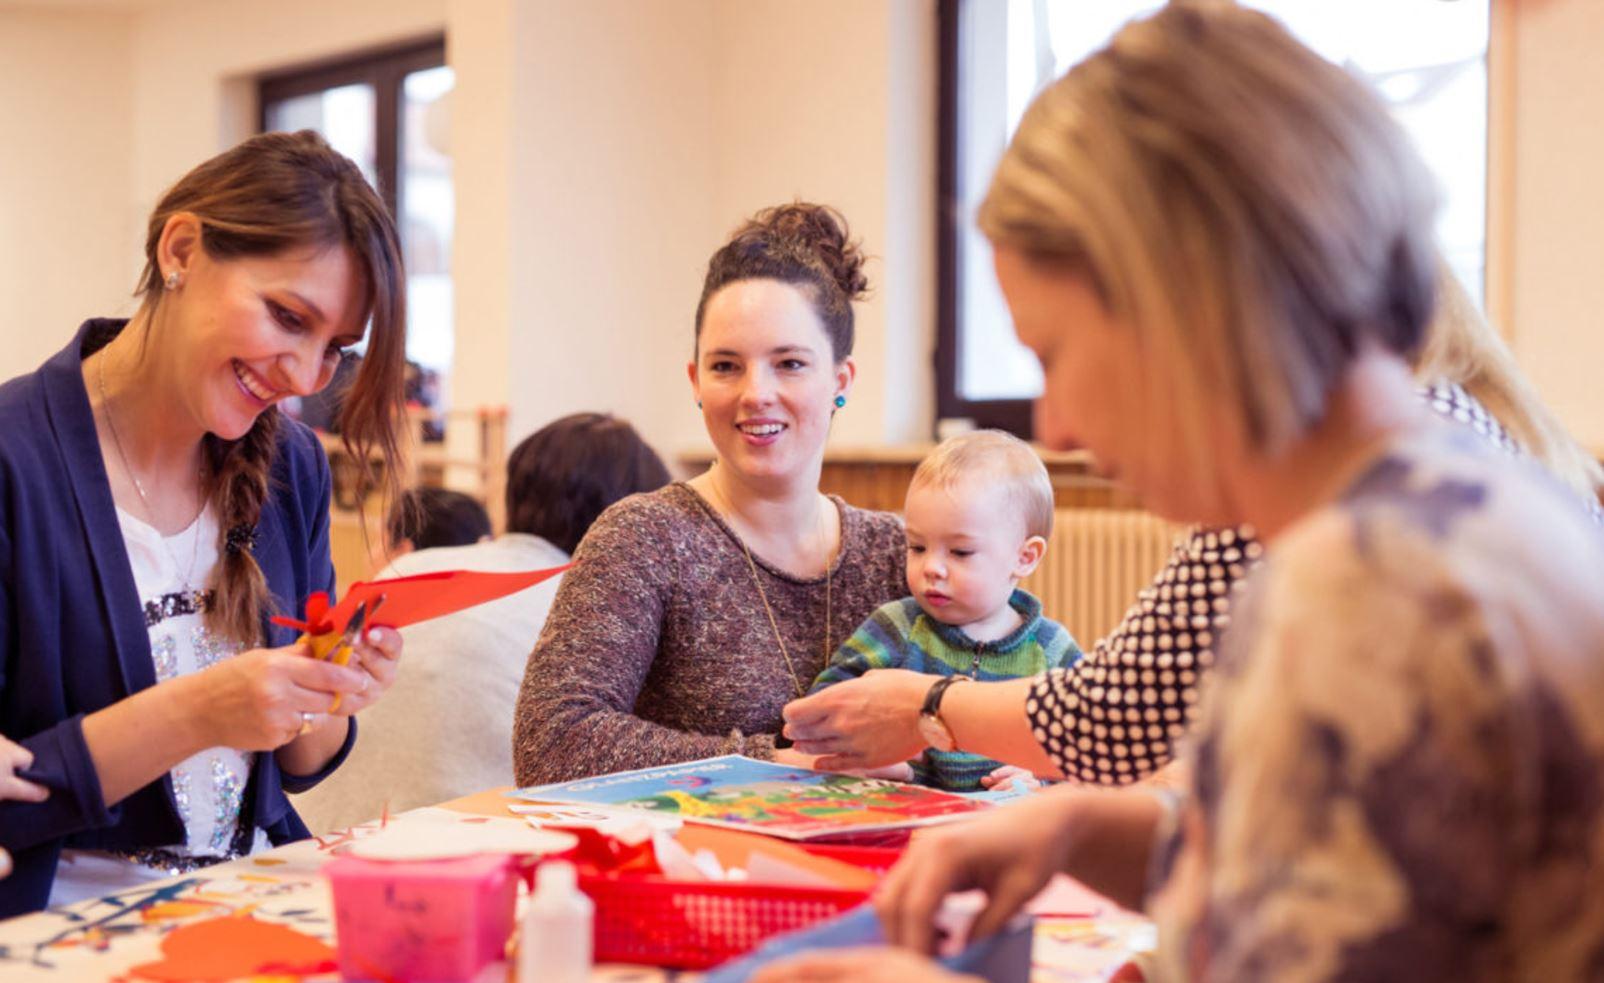 Du bist ein Gewinn Deutsche Fernsehlotterie Solidarisches Miteinander unter Müttern Elterncafe Familientreff Krabbelgruppe